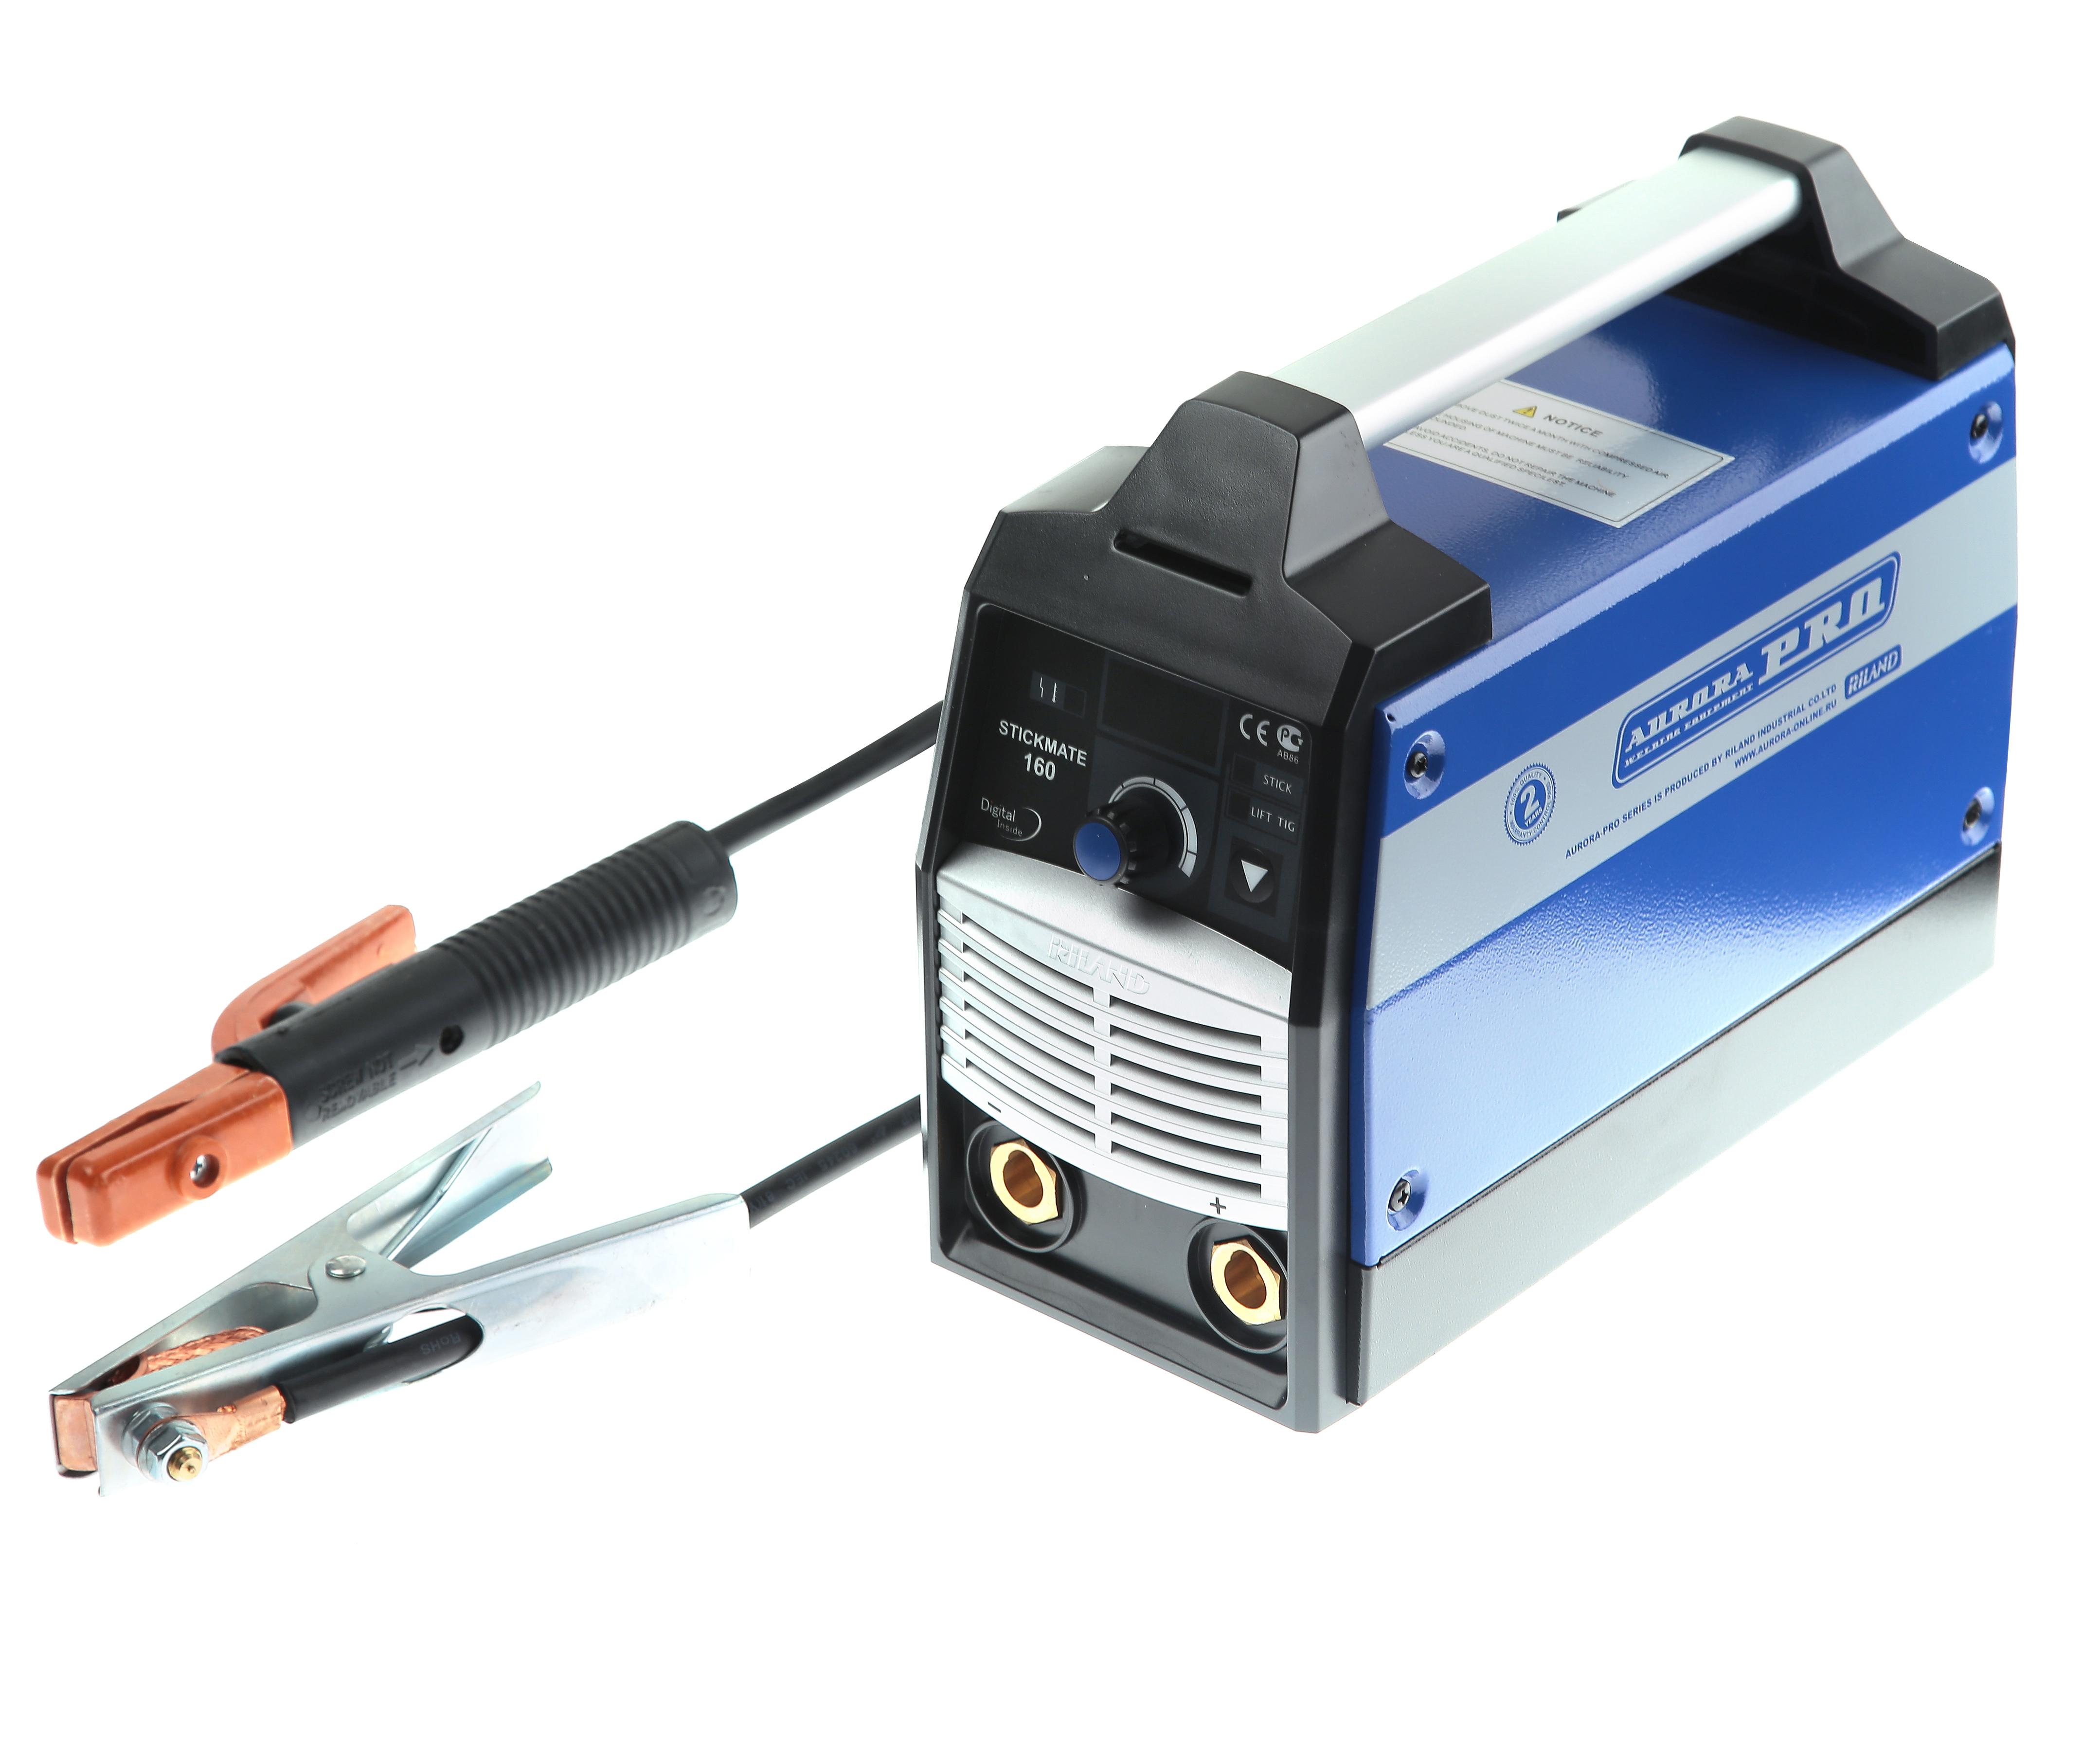 Сварочный инвертор Aurora proСварочные аппараты<br>Макс. сварочный ток: 160, Мощность: 7100, Мощность полная: 7100, Напряжение: 220, Мин. входное напряжение: 140, Выходной ток: 10-160, Напряжение холостого хода: 64, Потребляемый ток: 32, Мин. диаметр электрода: 0.9, Макс. диаметр электрода: 4, Тип сварочного аппарата: инверторный, Тип сварки: дуговая (MMA+TIG), Инверторная технология: есть, Размеры: 288x136x234, Поставляется в: коробке, Вес нетто: 4.8<br>